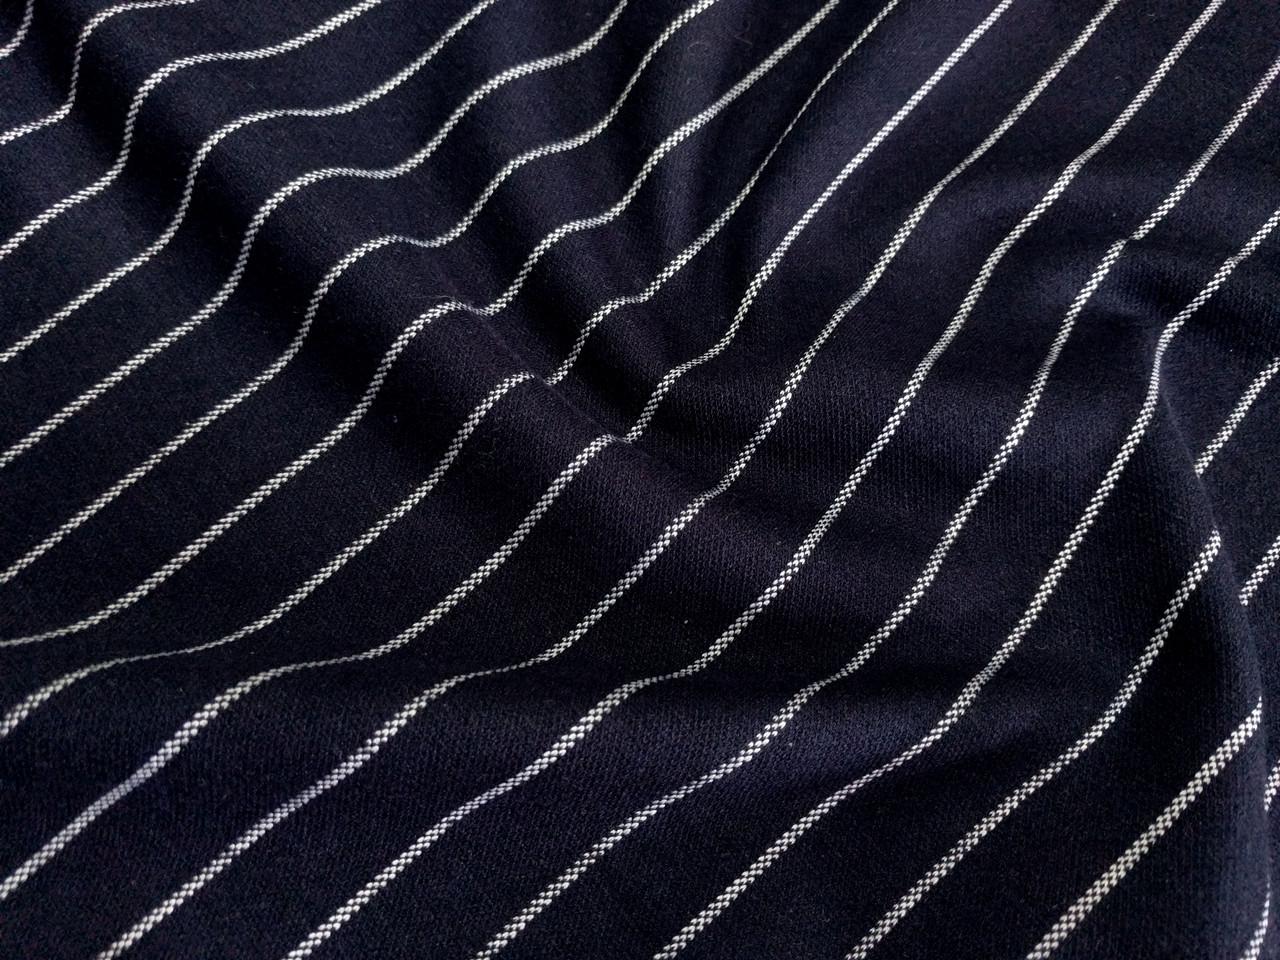 Трикотаж Македония полоска, темно-синий